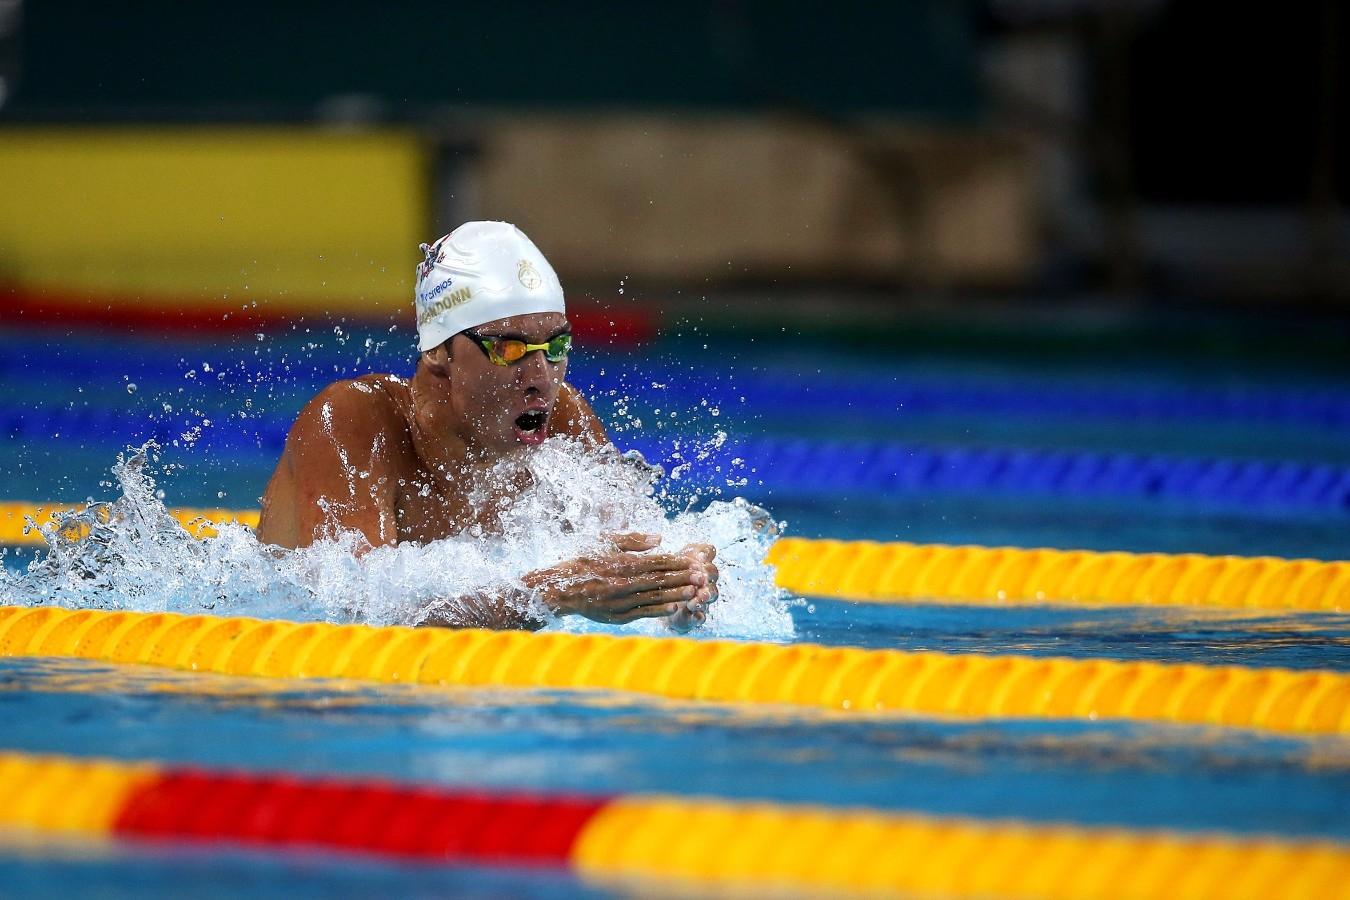 Brandonn Almeida. Trofeu Maria Lenk. Parque Aquatico Maria Lenk. 05 de Maio de 2017, Rio de Janeiro, RJ, Brasil. Foto: Satiro Sodré/SSPress/CBDA